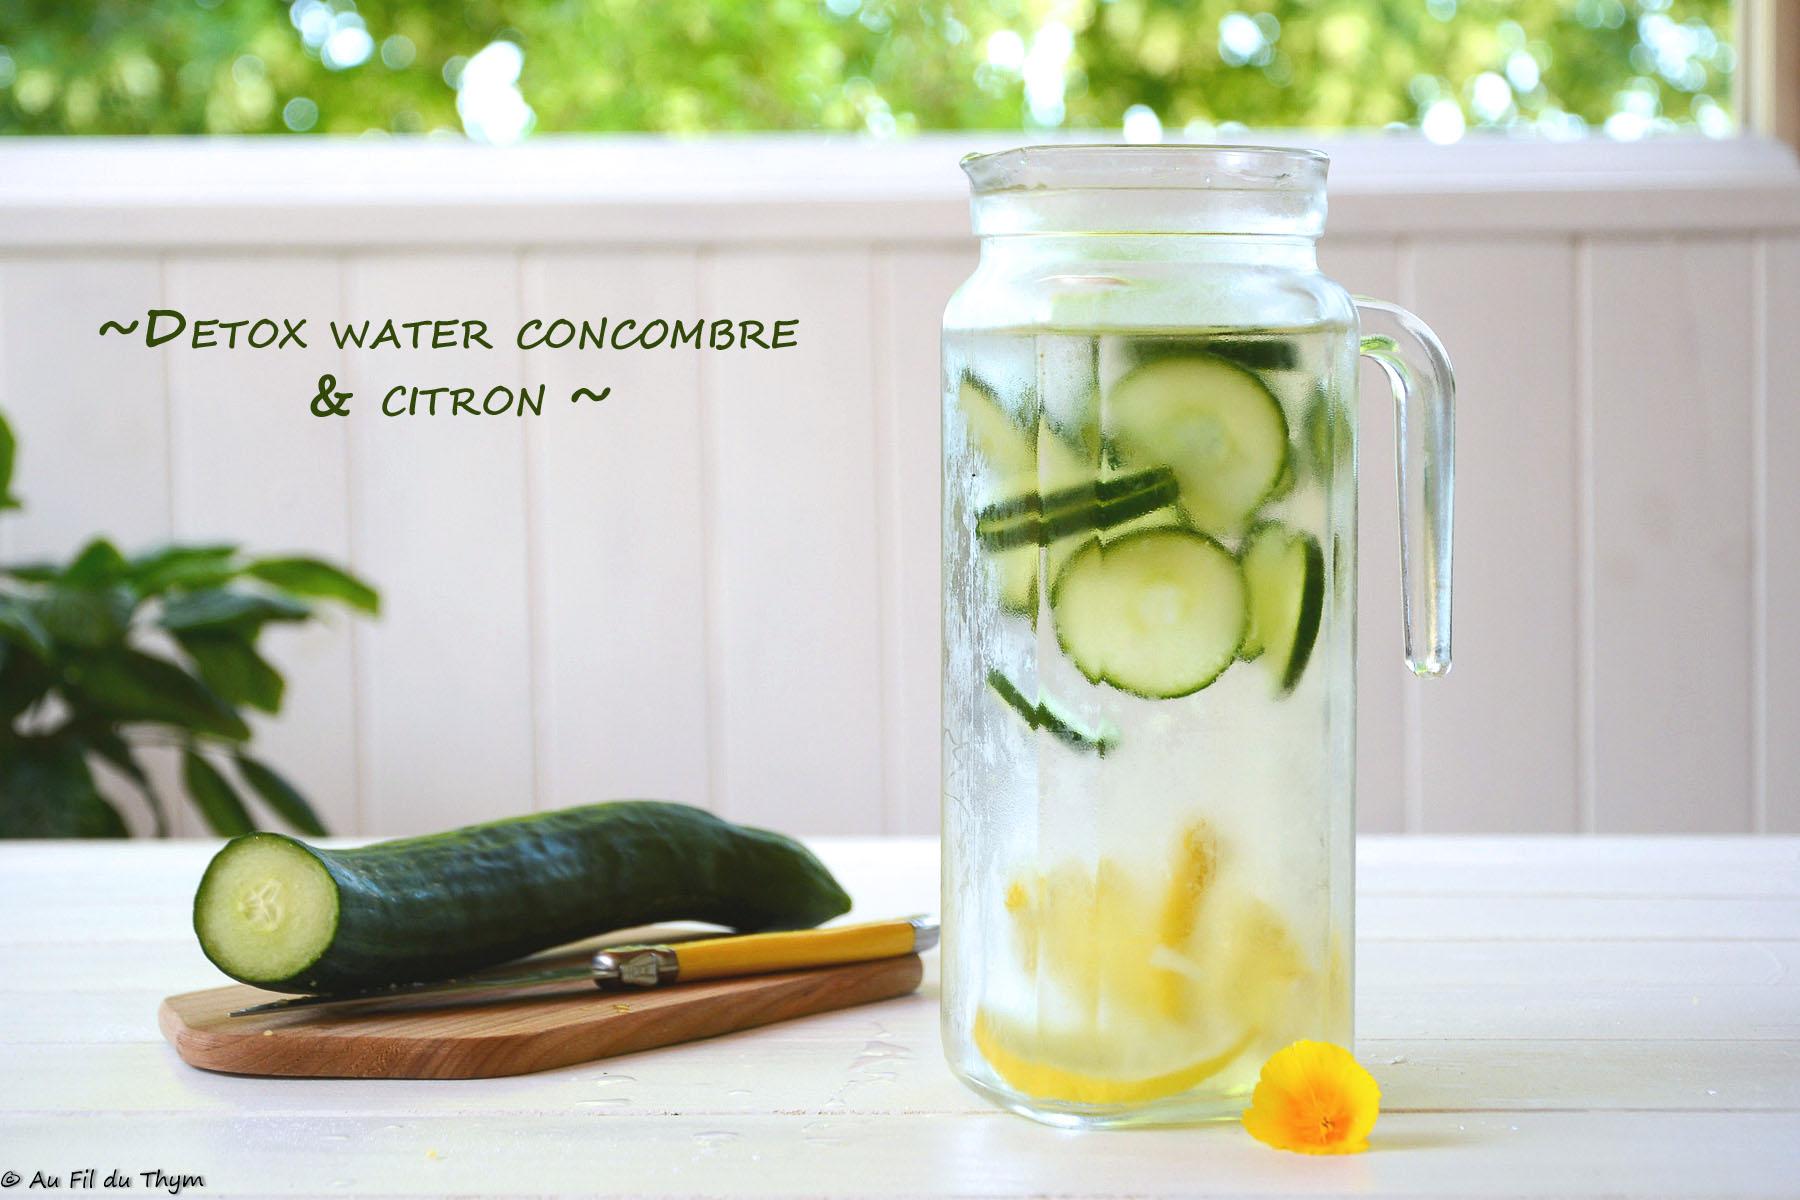 Alcoolul seff detoxifiere - Toxine jus de citron Smoothie detox citron gingembre